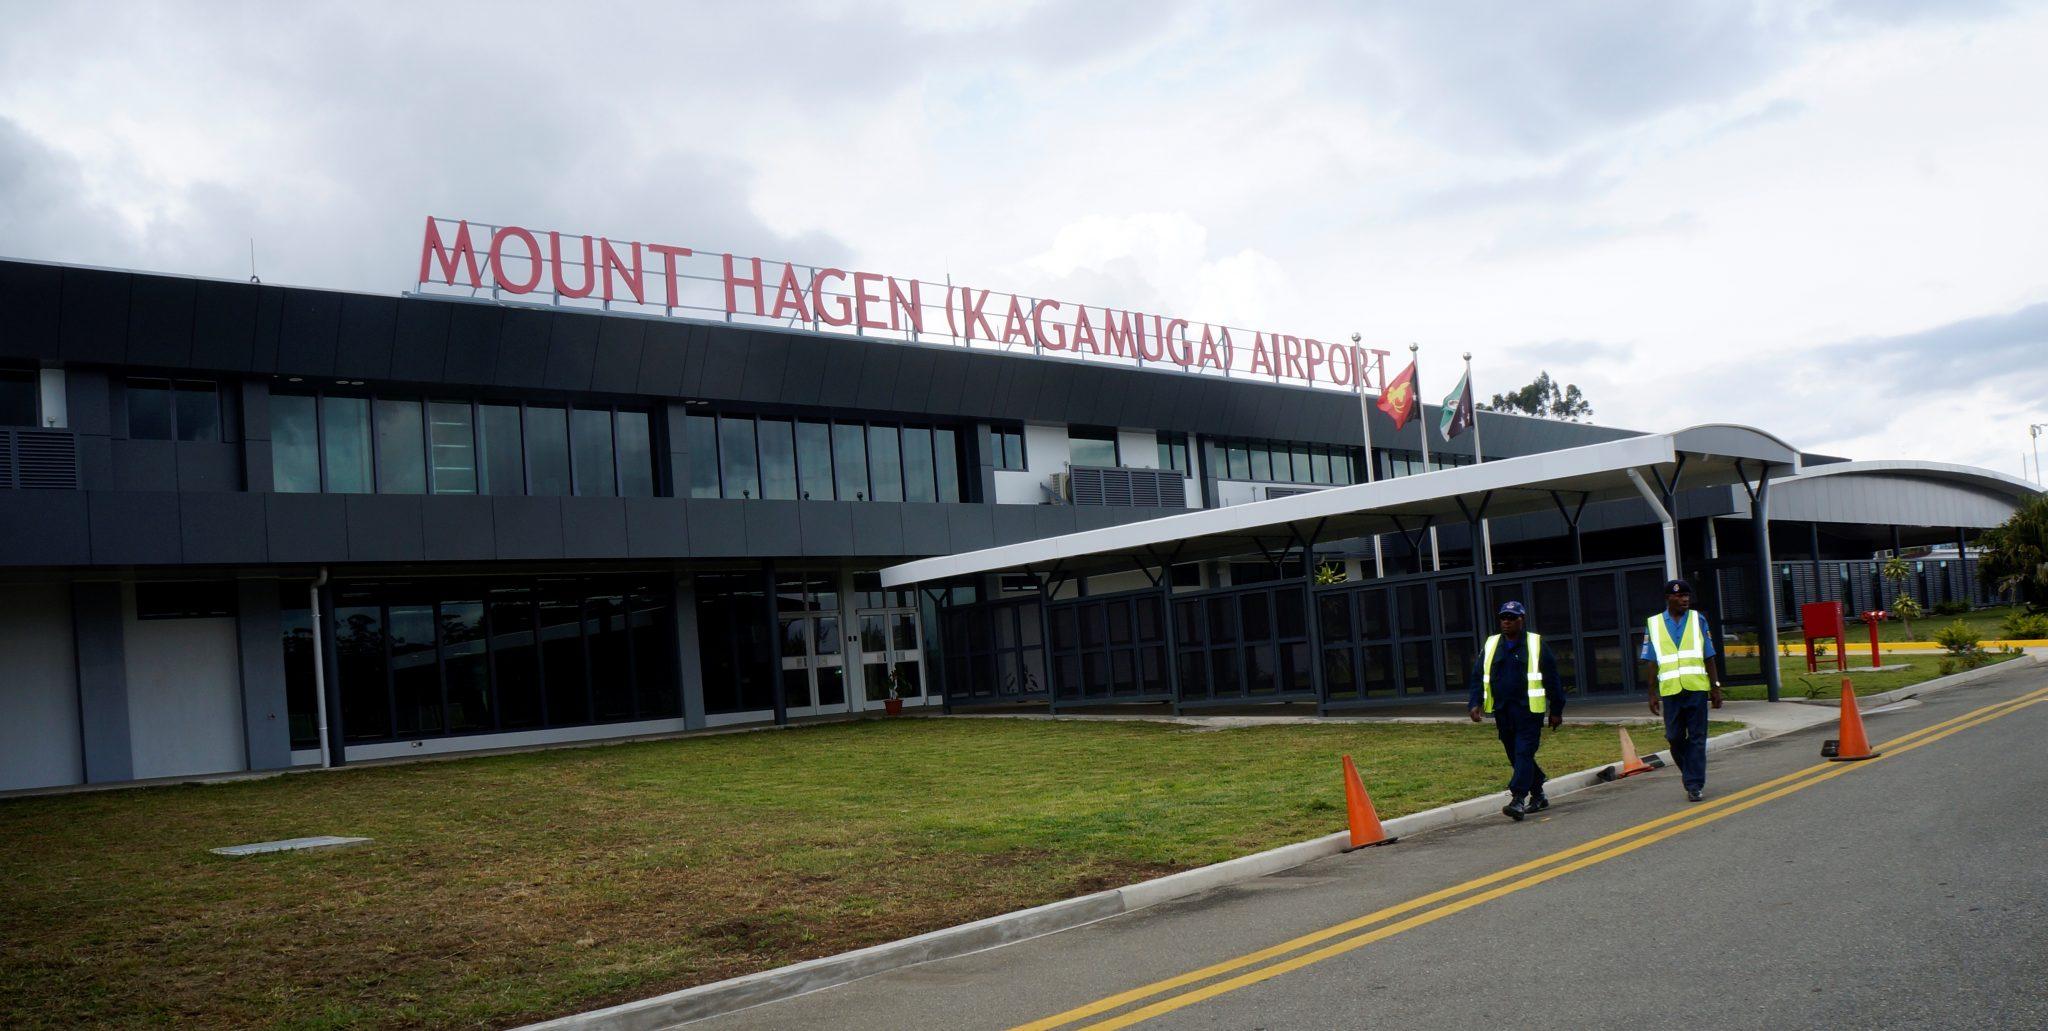 Opening of Kagamuga International Airport on Thursday 26th November 2015